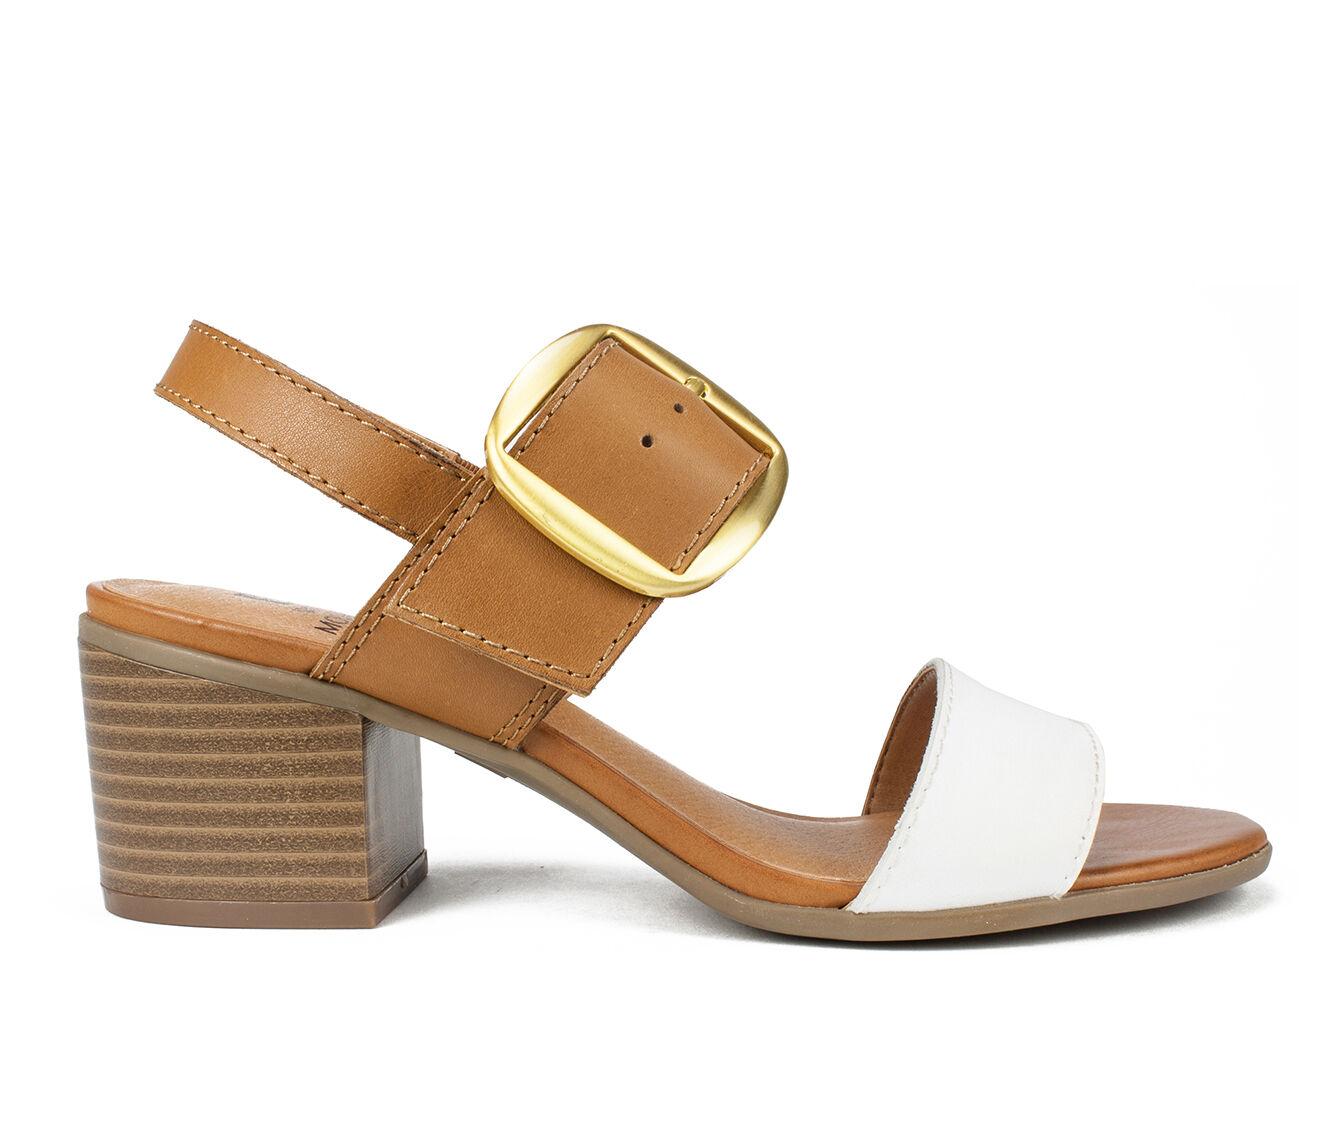 buy authentic cheap Women's White Mountain Lamar Dress Sandals Cognac/White